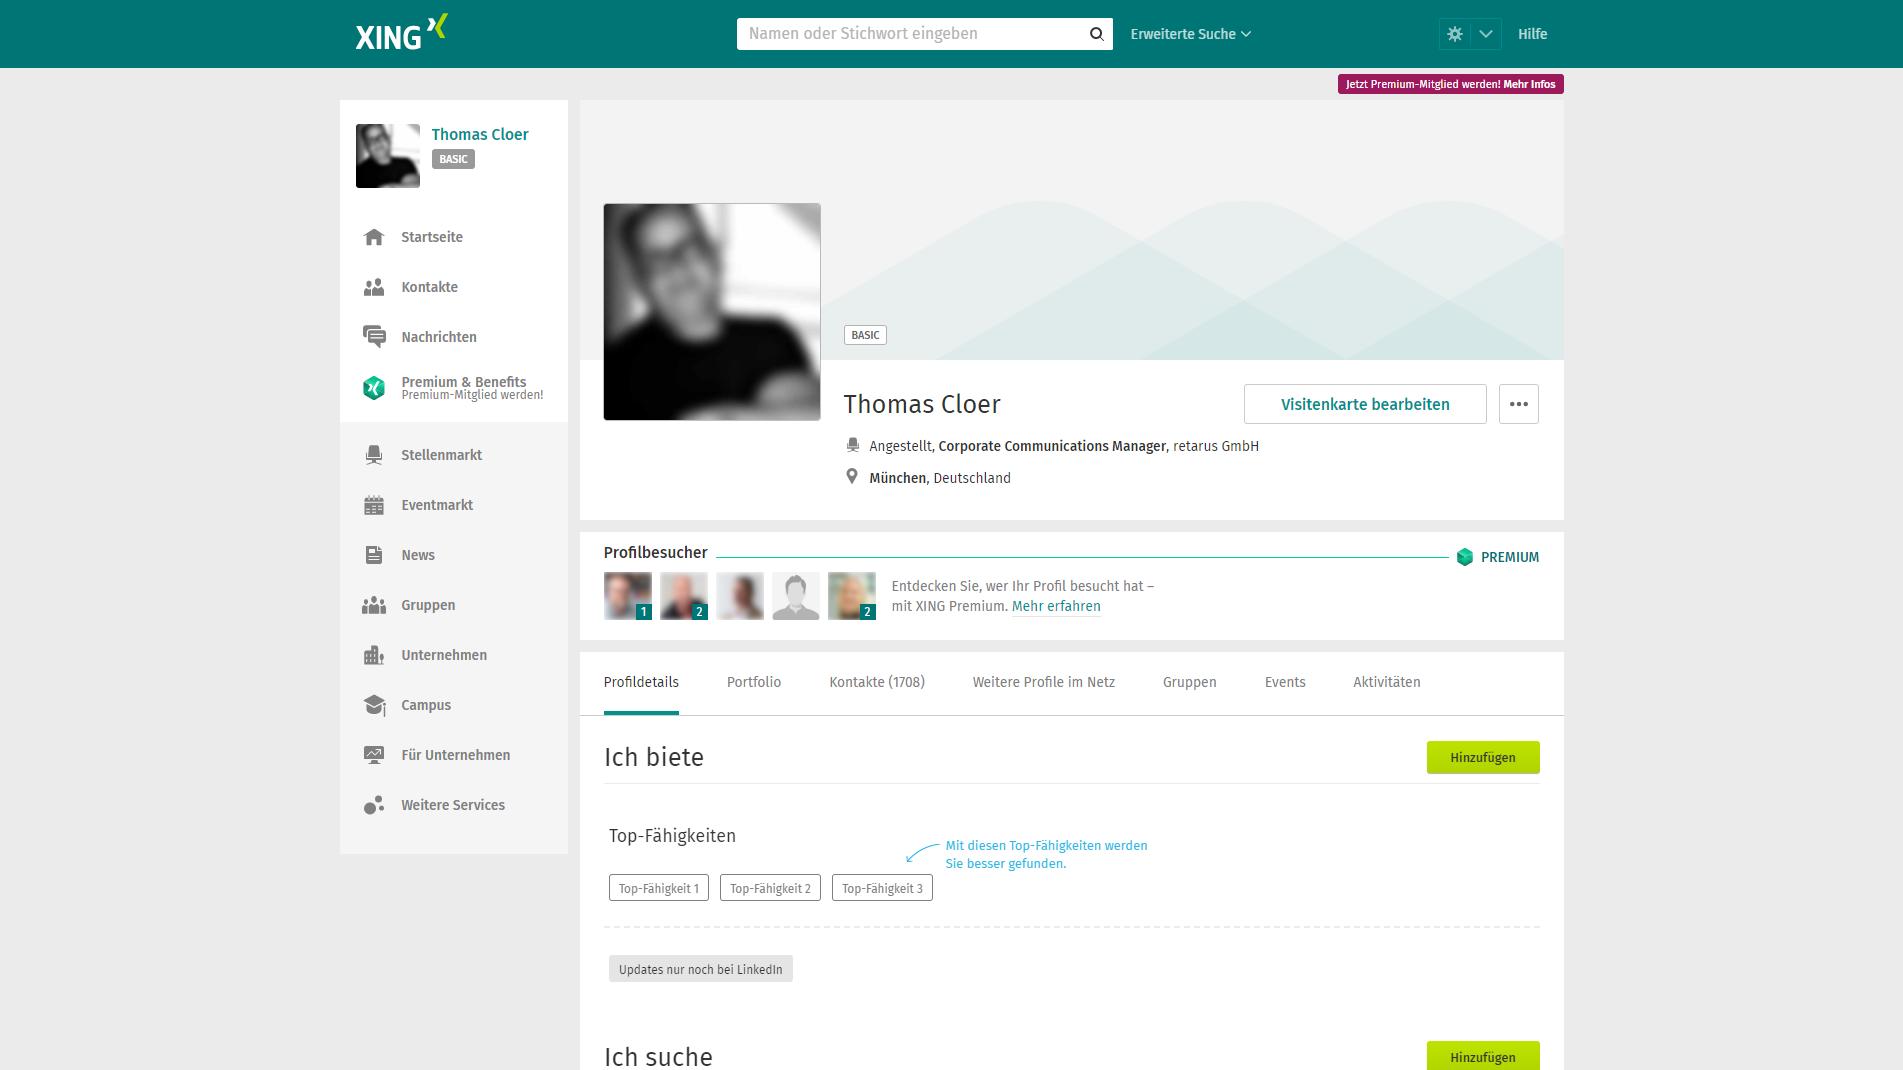 Xing-Profil Thomas Cloer, Screenshot